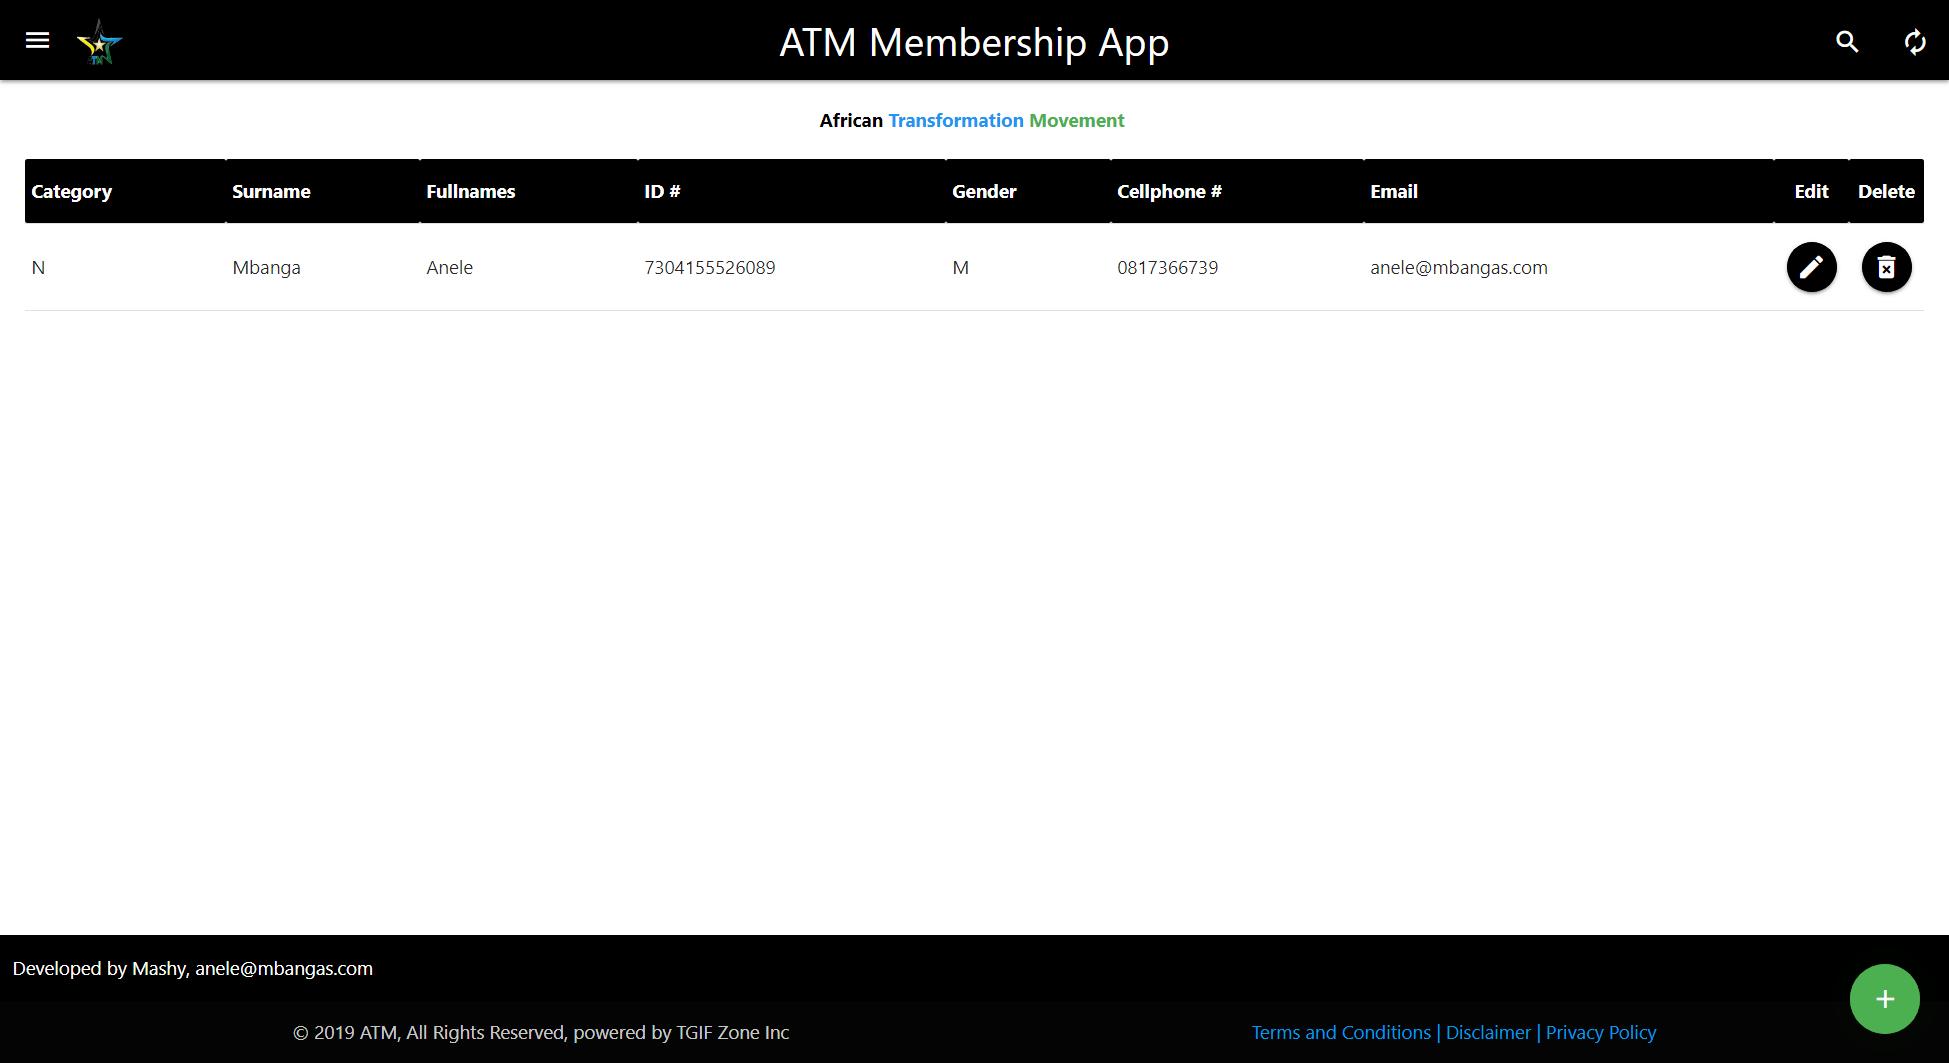 memberlisting.png